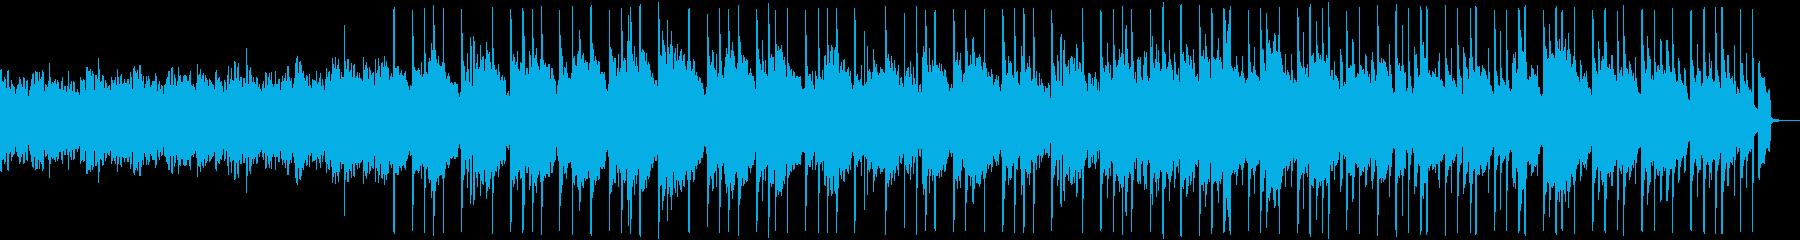 日常の何気ない一コマに似合う優しいBGMの再生済みの波形